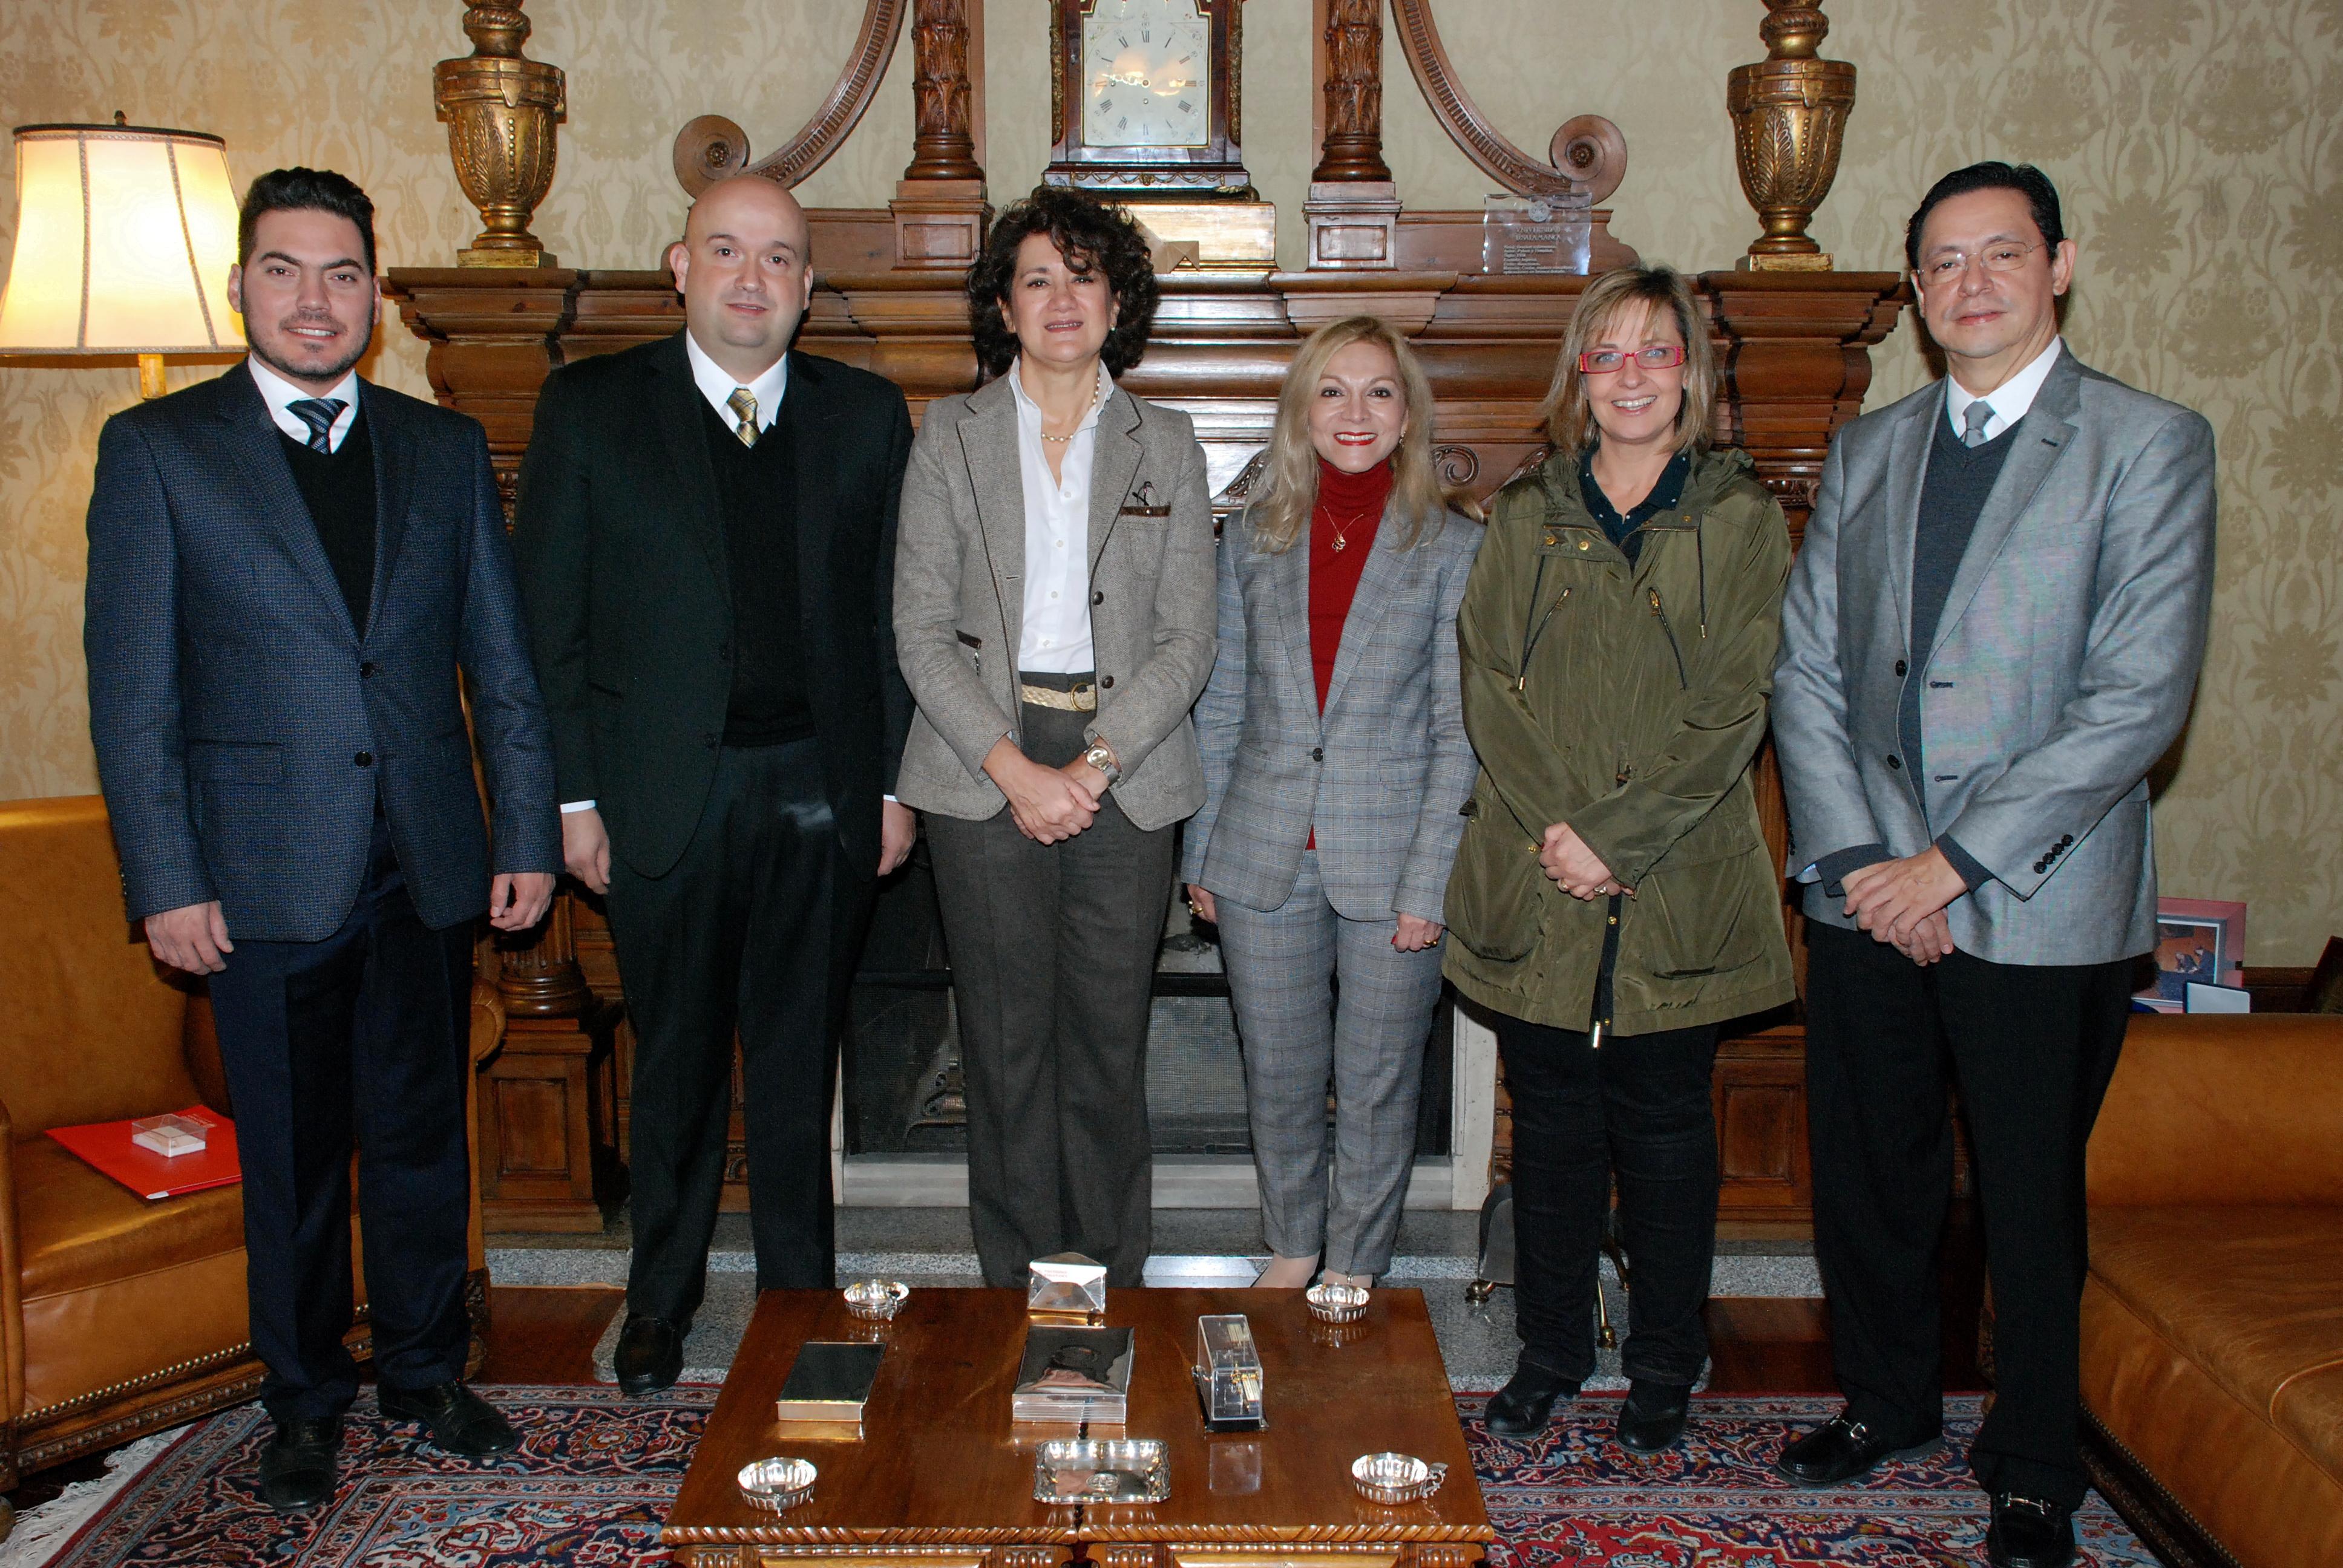 La Universidad de Salamanca y la Universidad Autónoma de Nuevo León desarrollarán conjuntamente el Máster en Ciencia Política